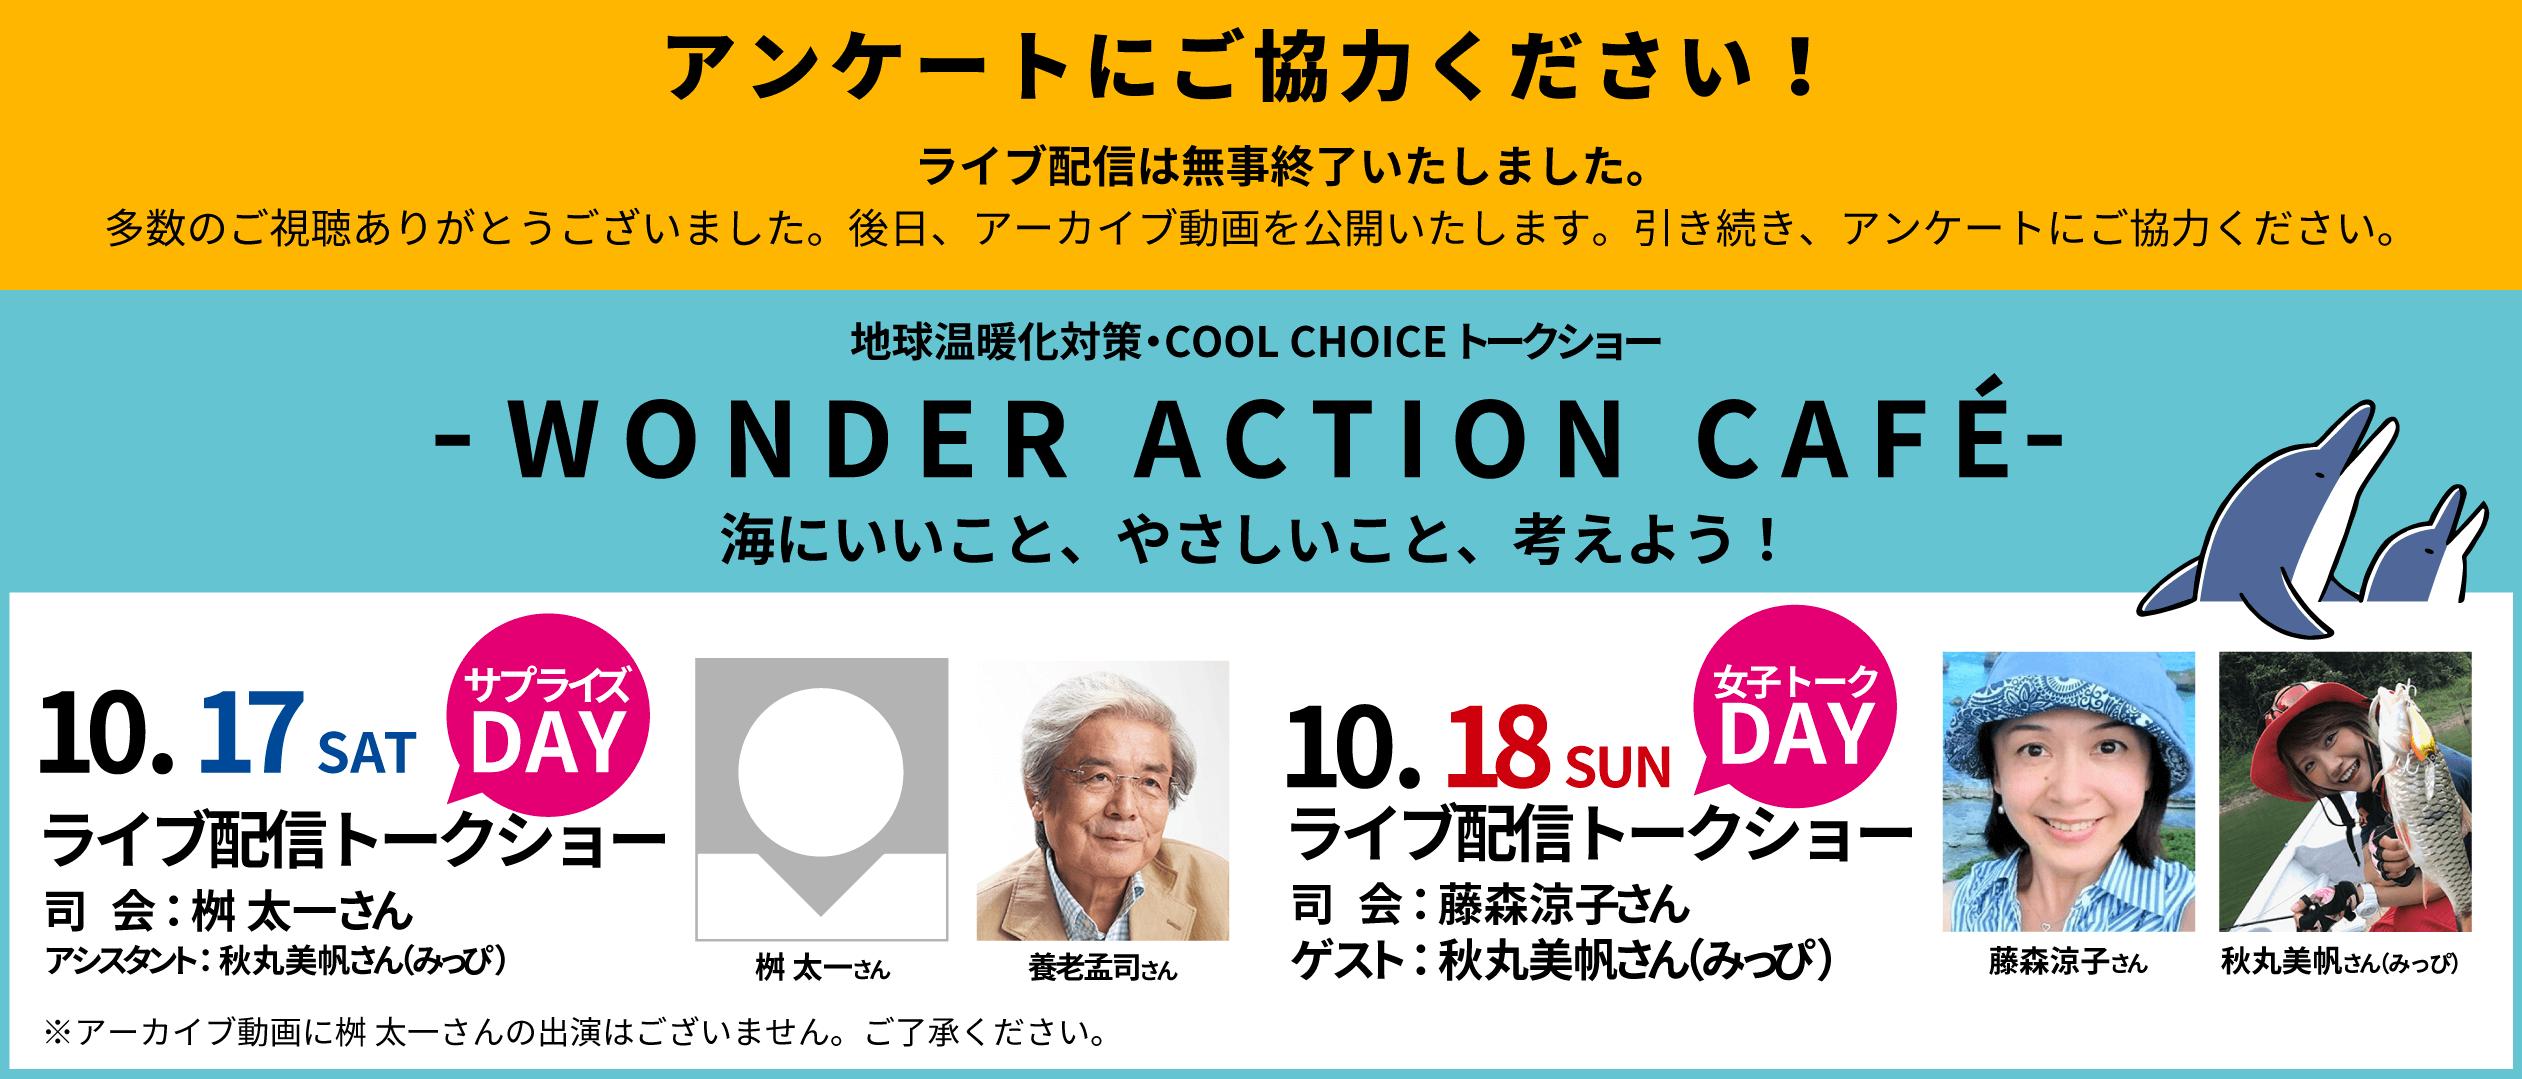 地球温暖化対策・COOL CHOICE トークショー  WONDER ACTION CAFÉ